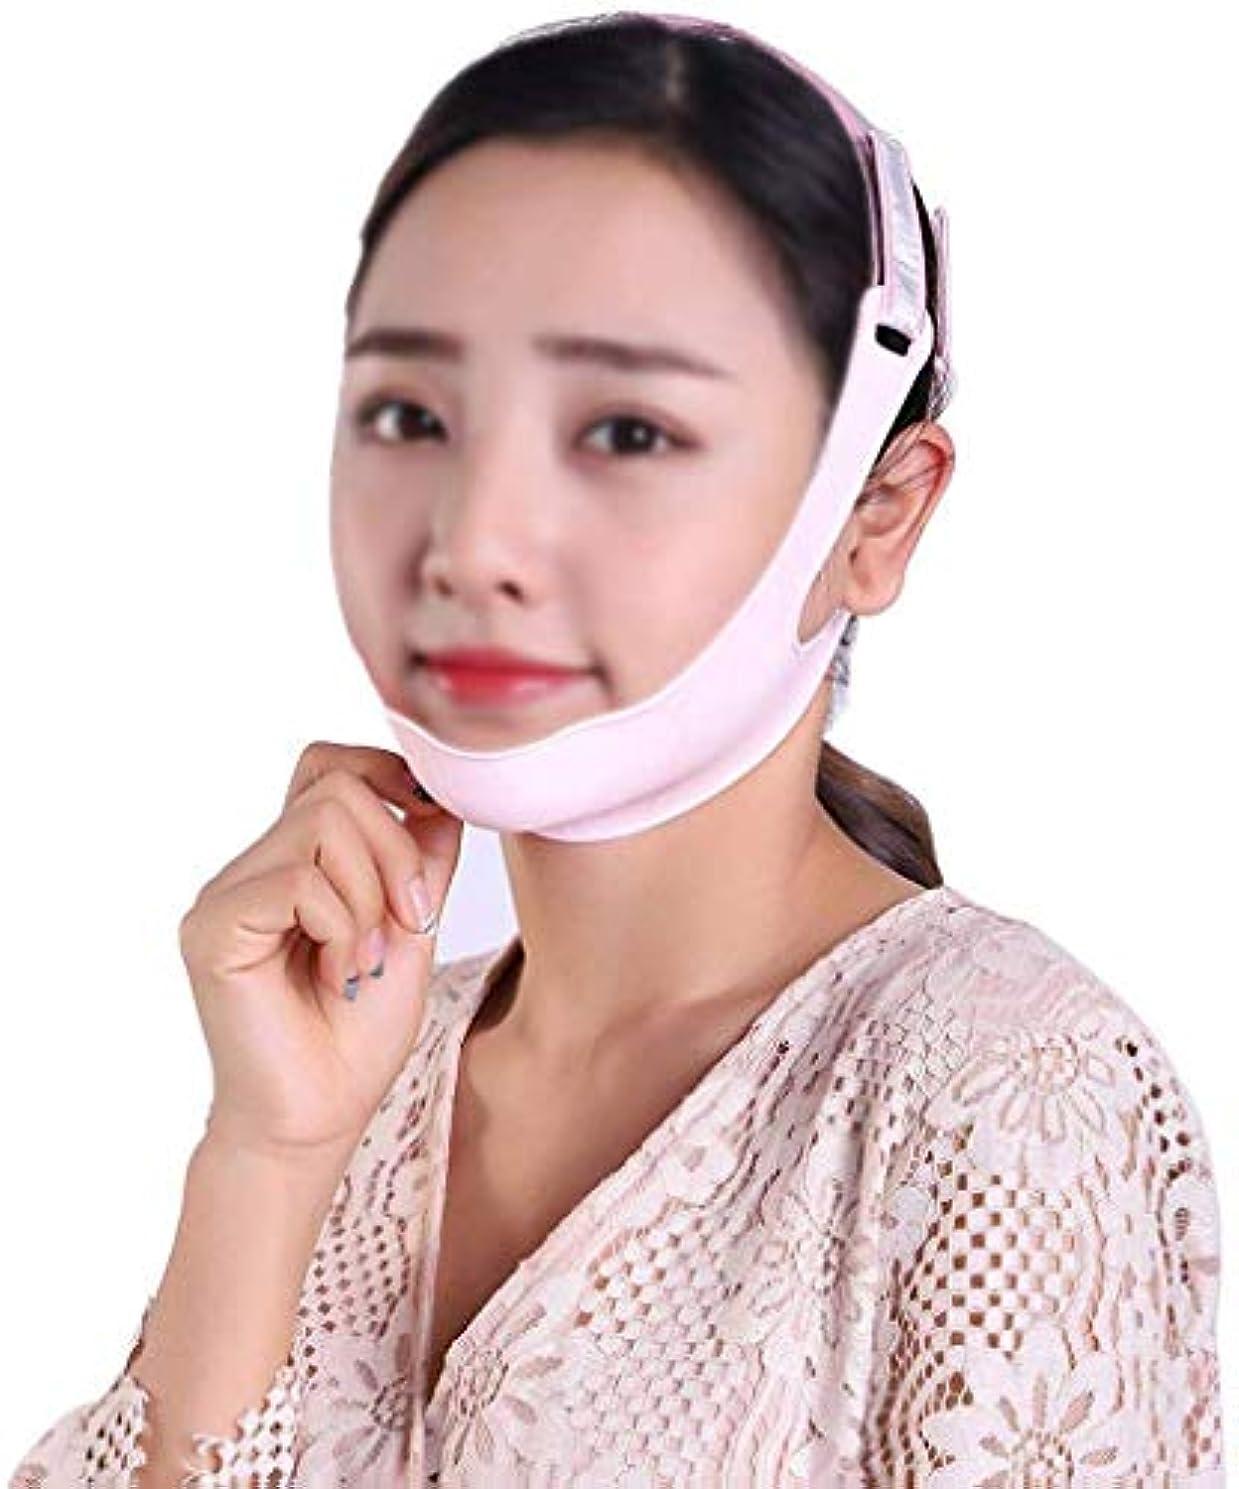 申し込む危険を冒します後ろに美容と実用的なフェイスリフトマスク、シリコンVフェイスマスクファーミング、リフティングフェイス、バンデージスモールVフェイスアーティファクトリラクゼーションフェイスとネックリフトの防止(サイズ:L)